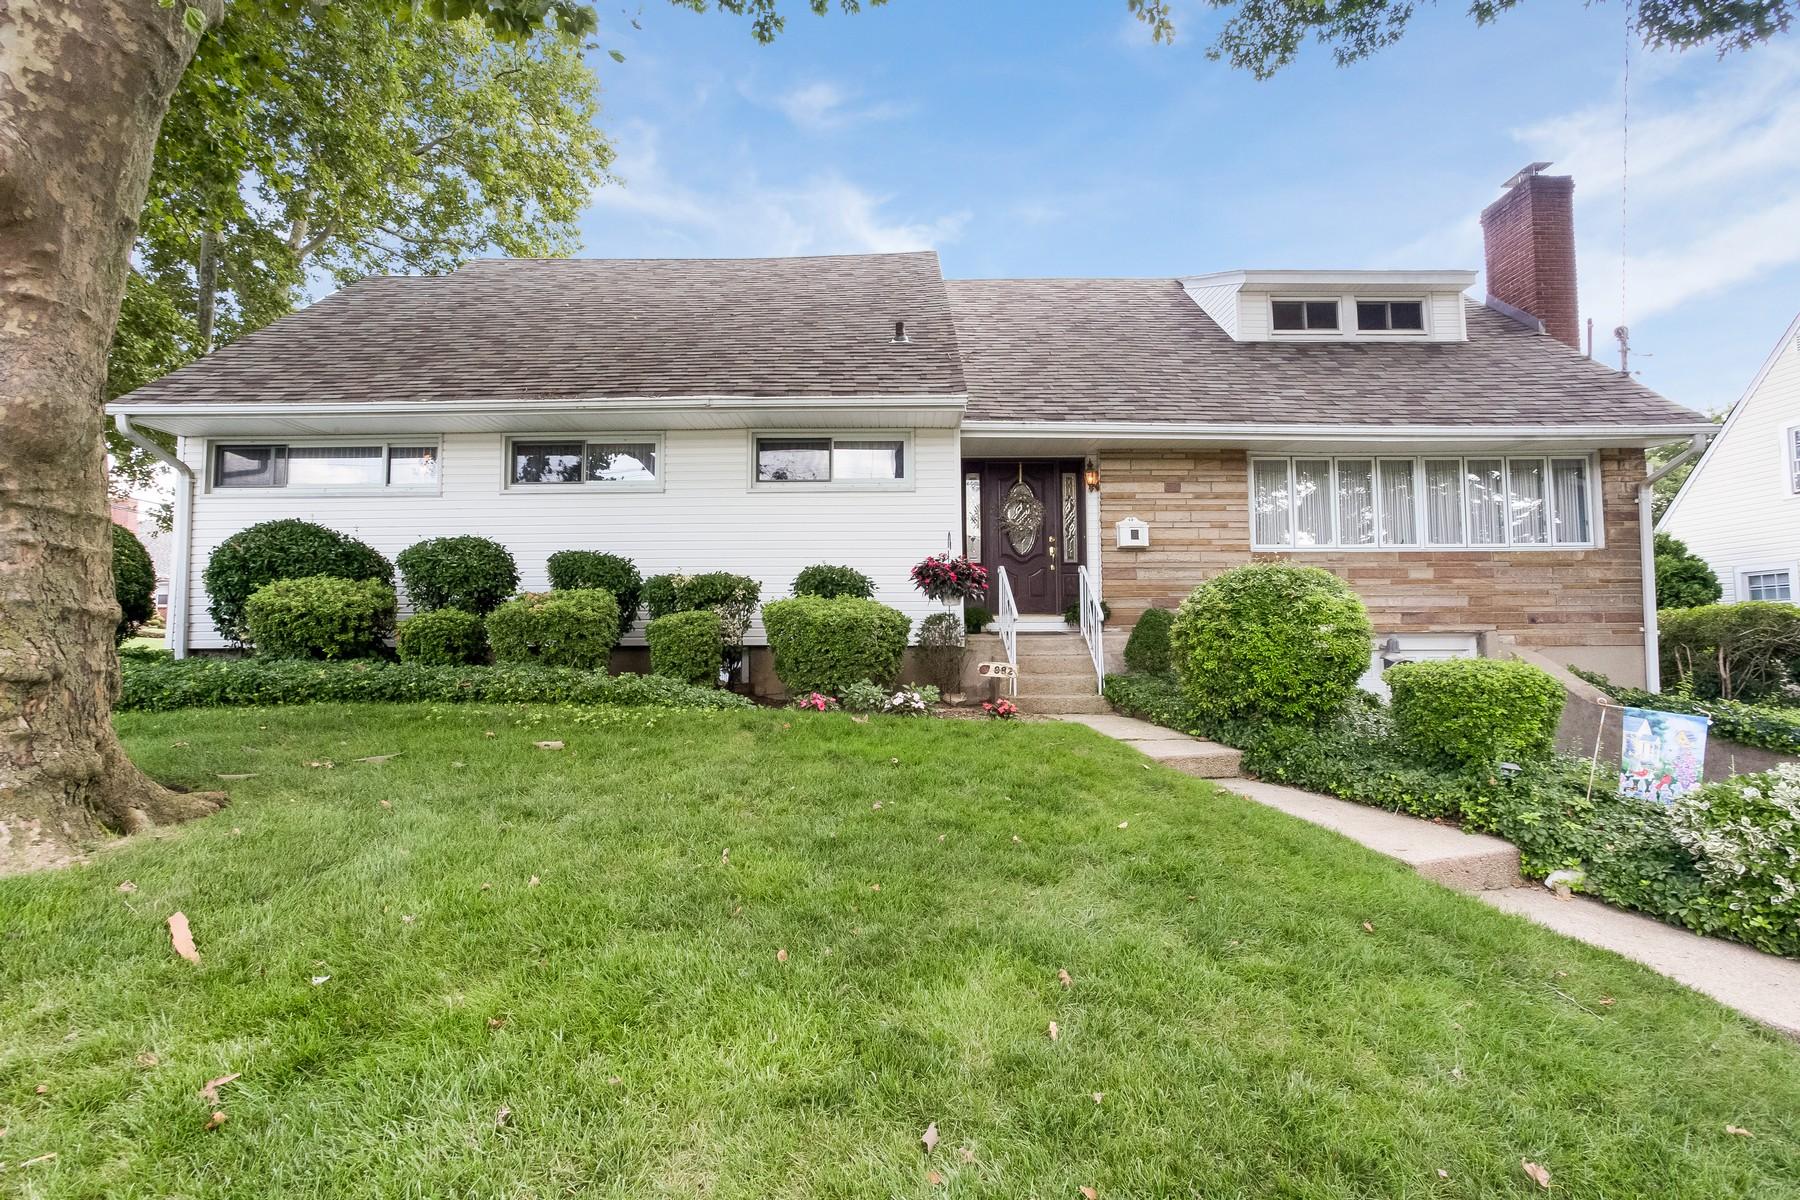 Single Family Homes för Försäljning vid Franklin Square 882 Benris Ave, Franklin Square, New York 11010 Förenta staterna